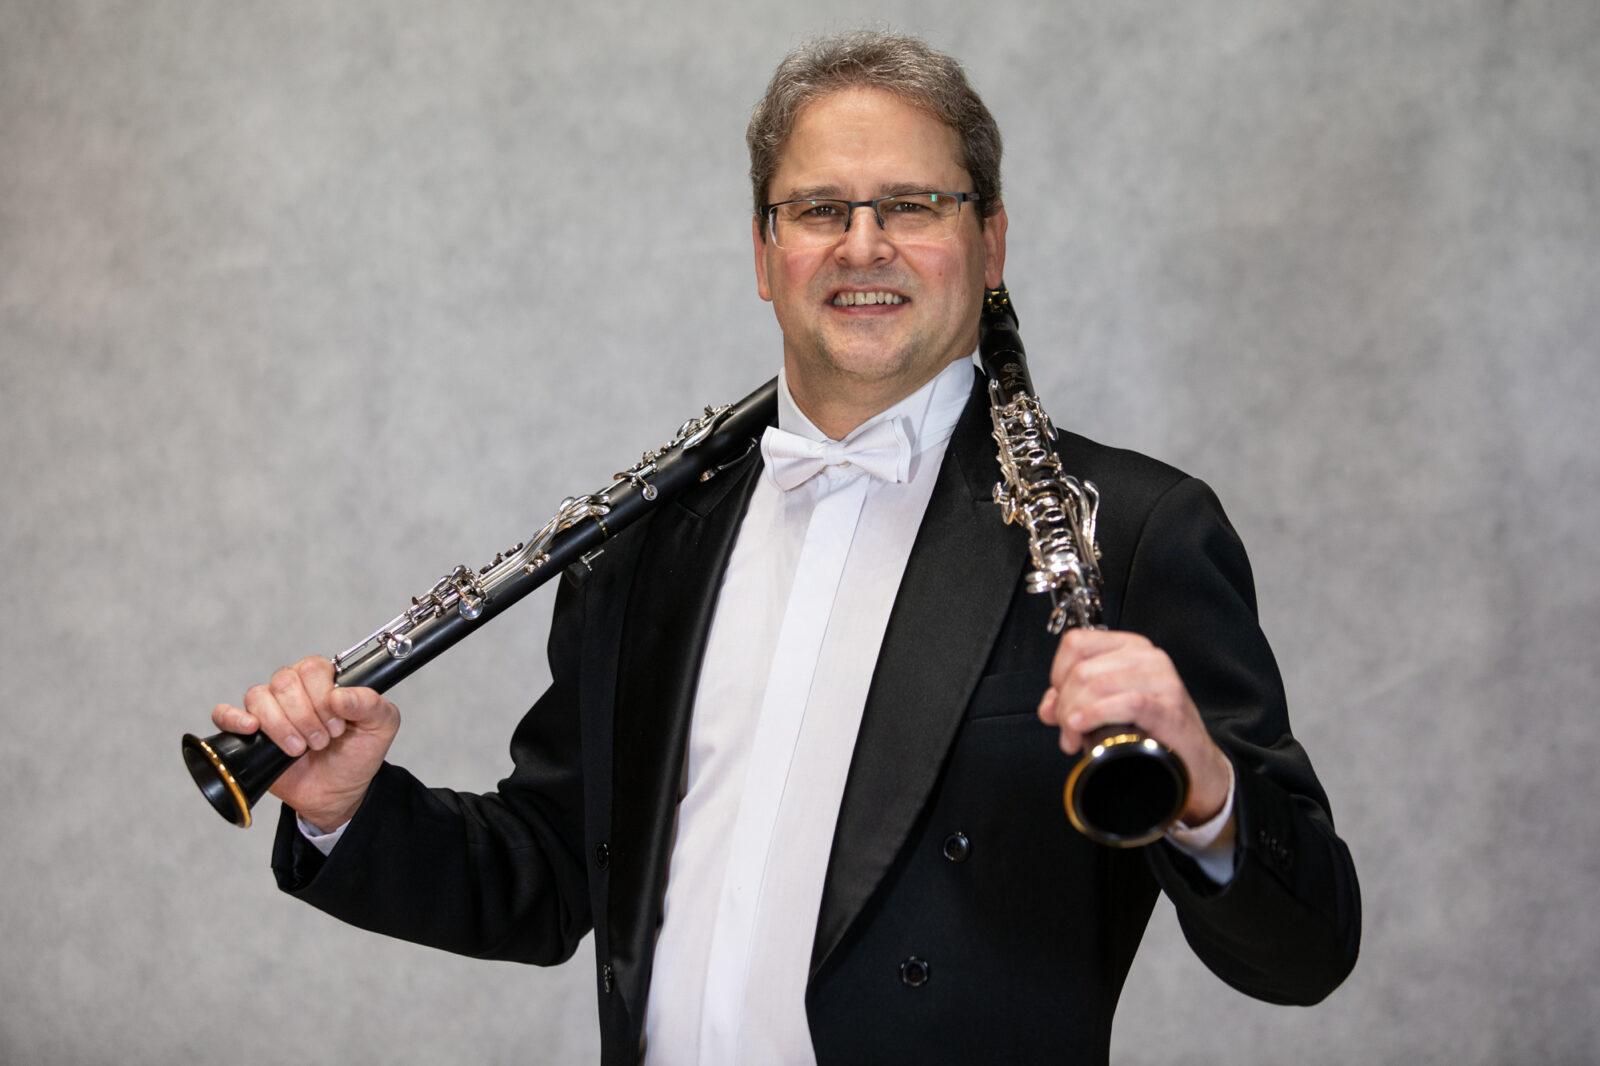 Zdjęcie Jaremiego Zienkowskiego z dwoma klarnetami na każdym ramieniu